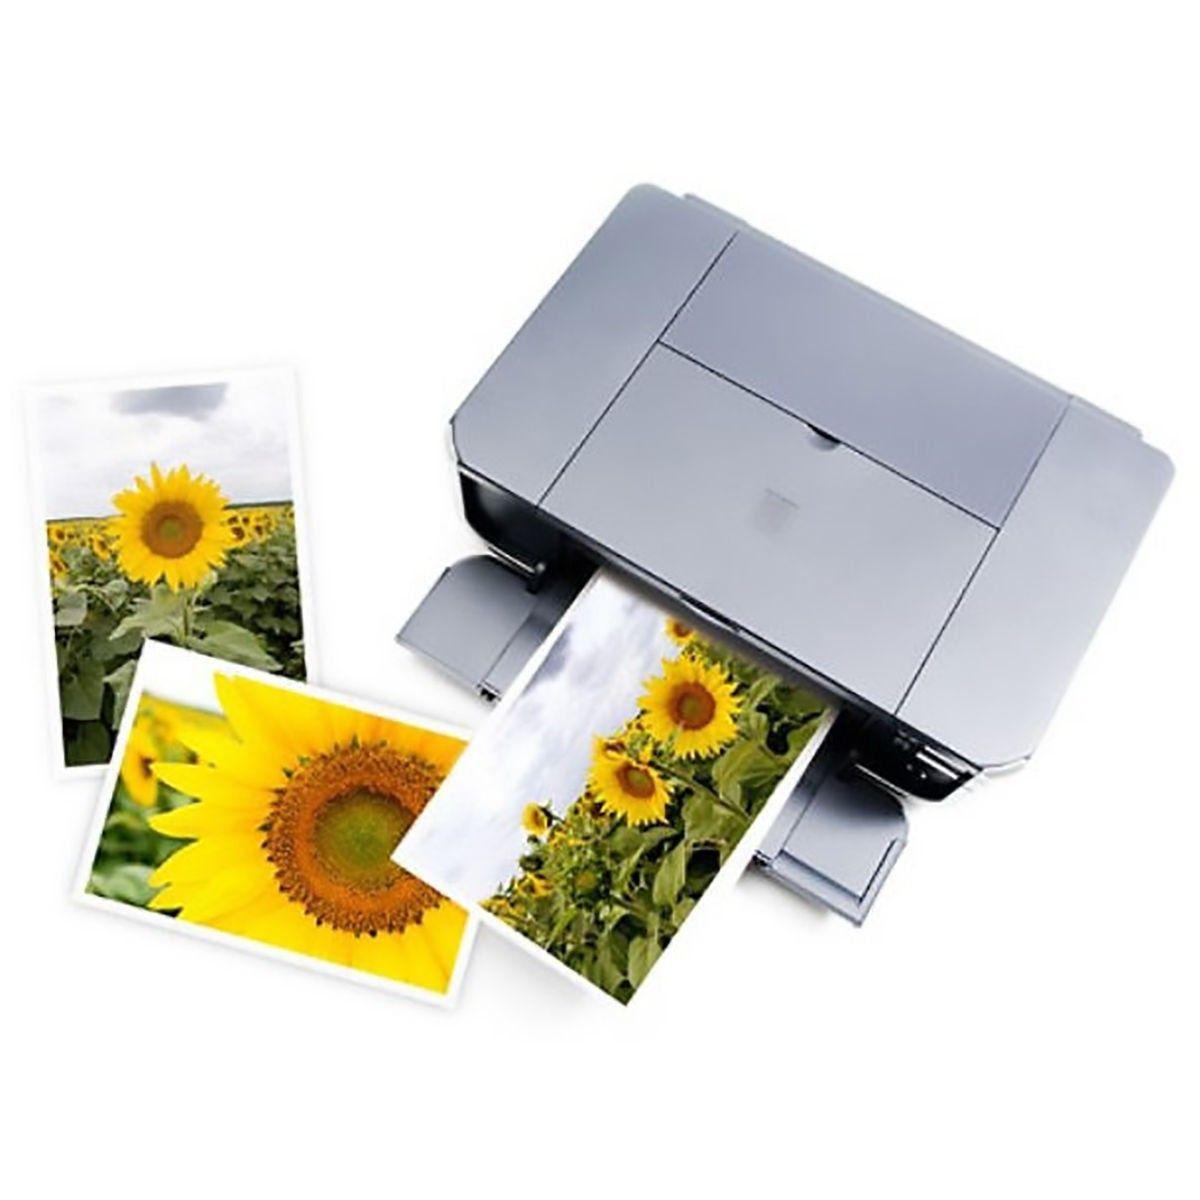 Papel Fotográfico A4 150g Glossy Branco Brilhante Resistente à Água / 500 folhas